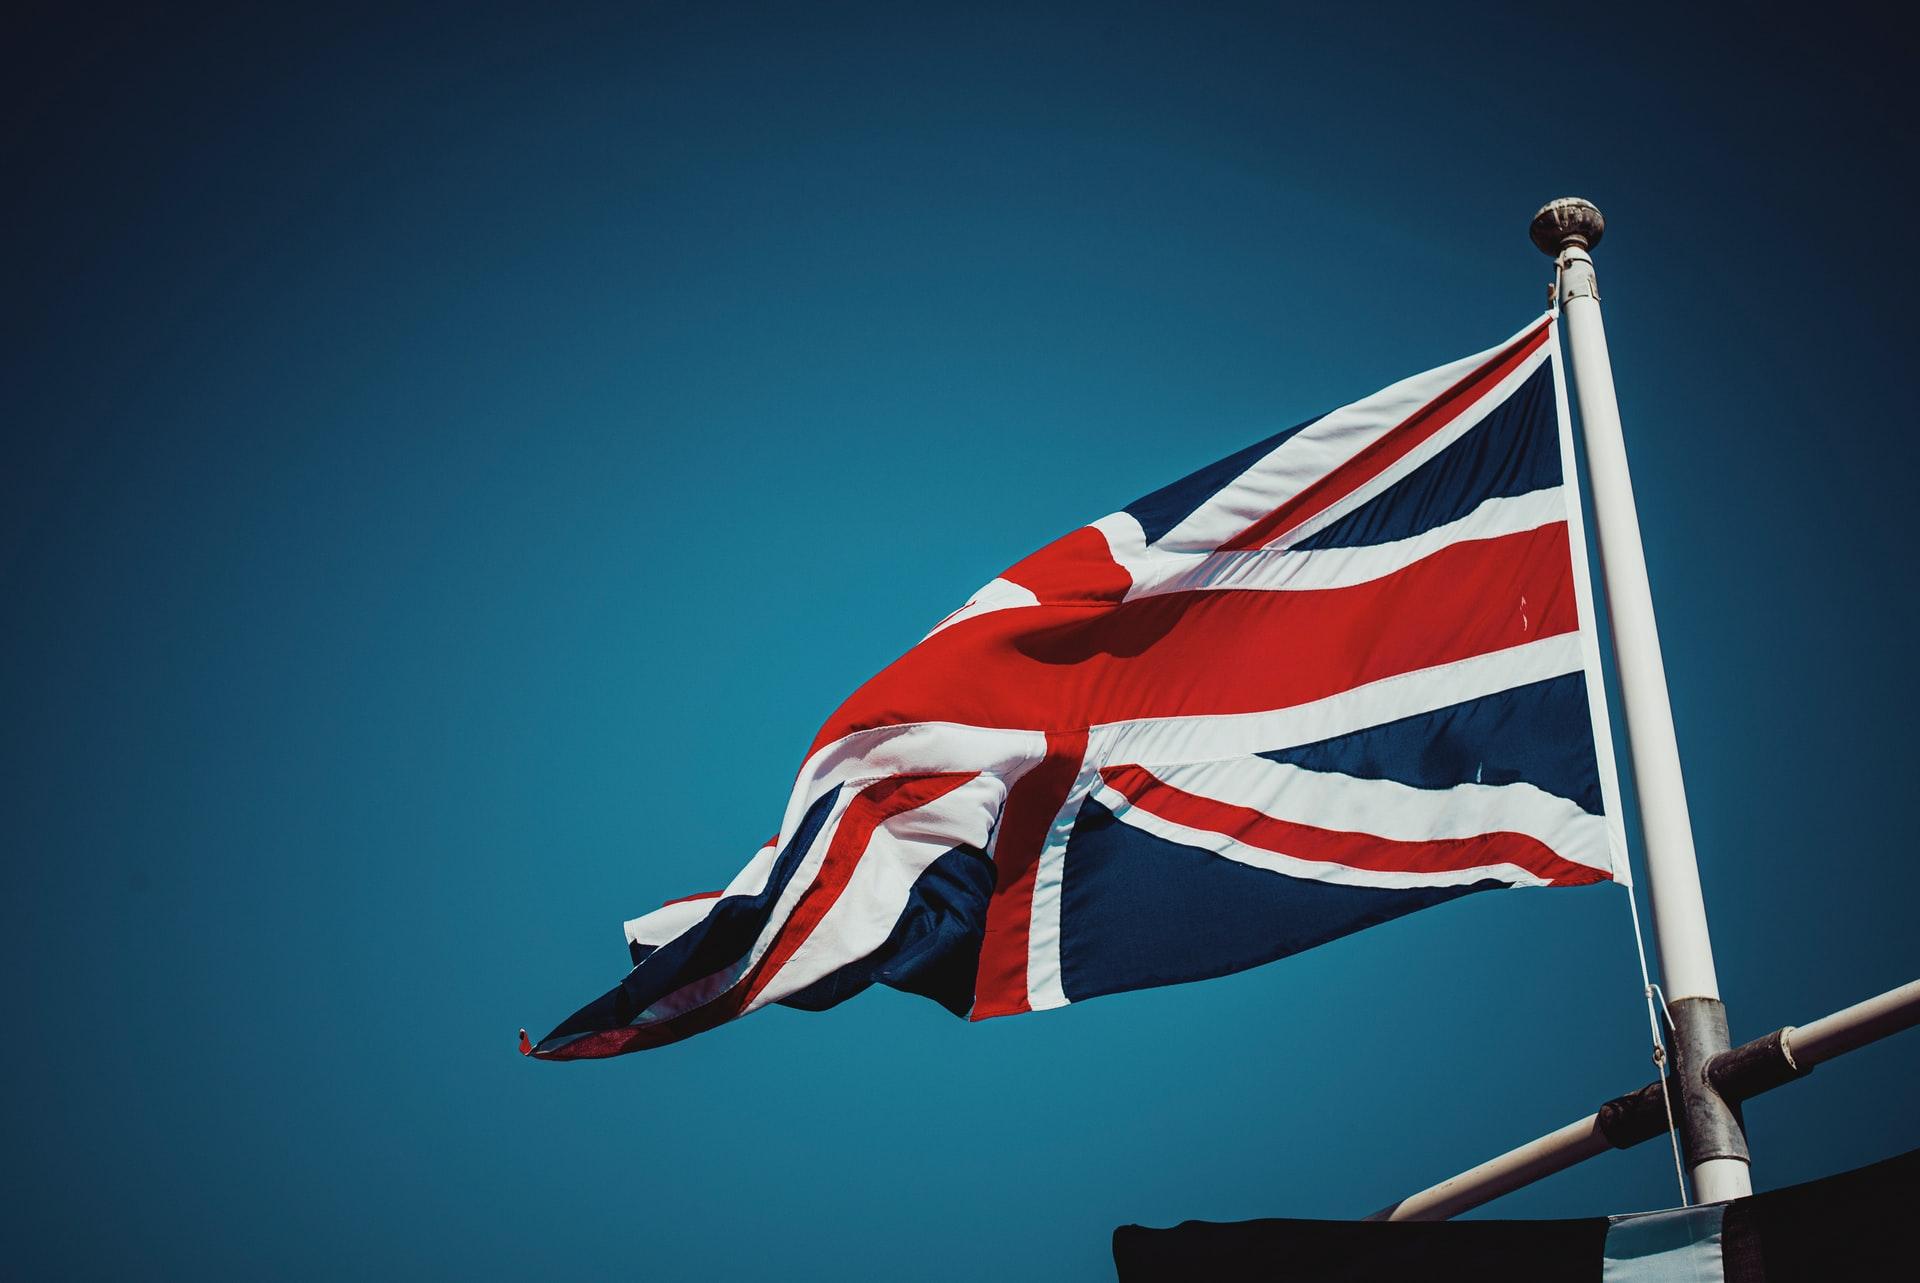 Великі Дані — великі гроші: уряд Великої Британії оголосив тендер на 2 млрд фунтів стерлінгів